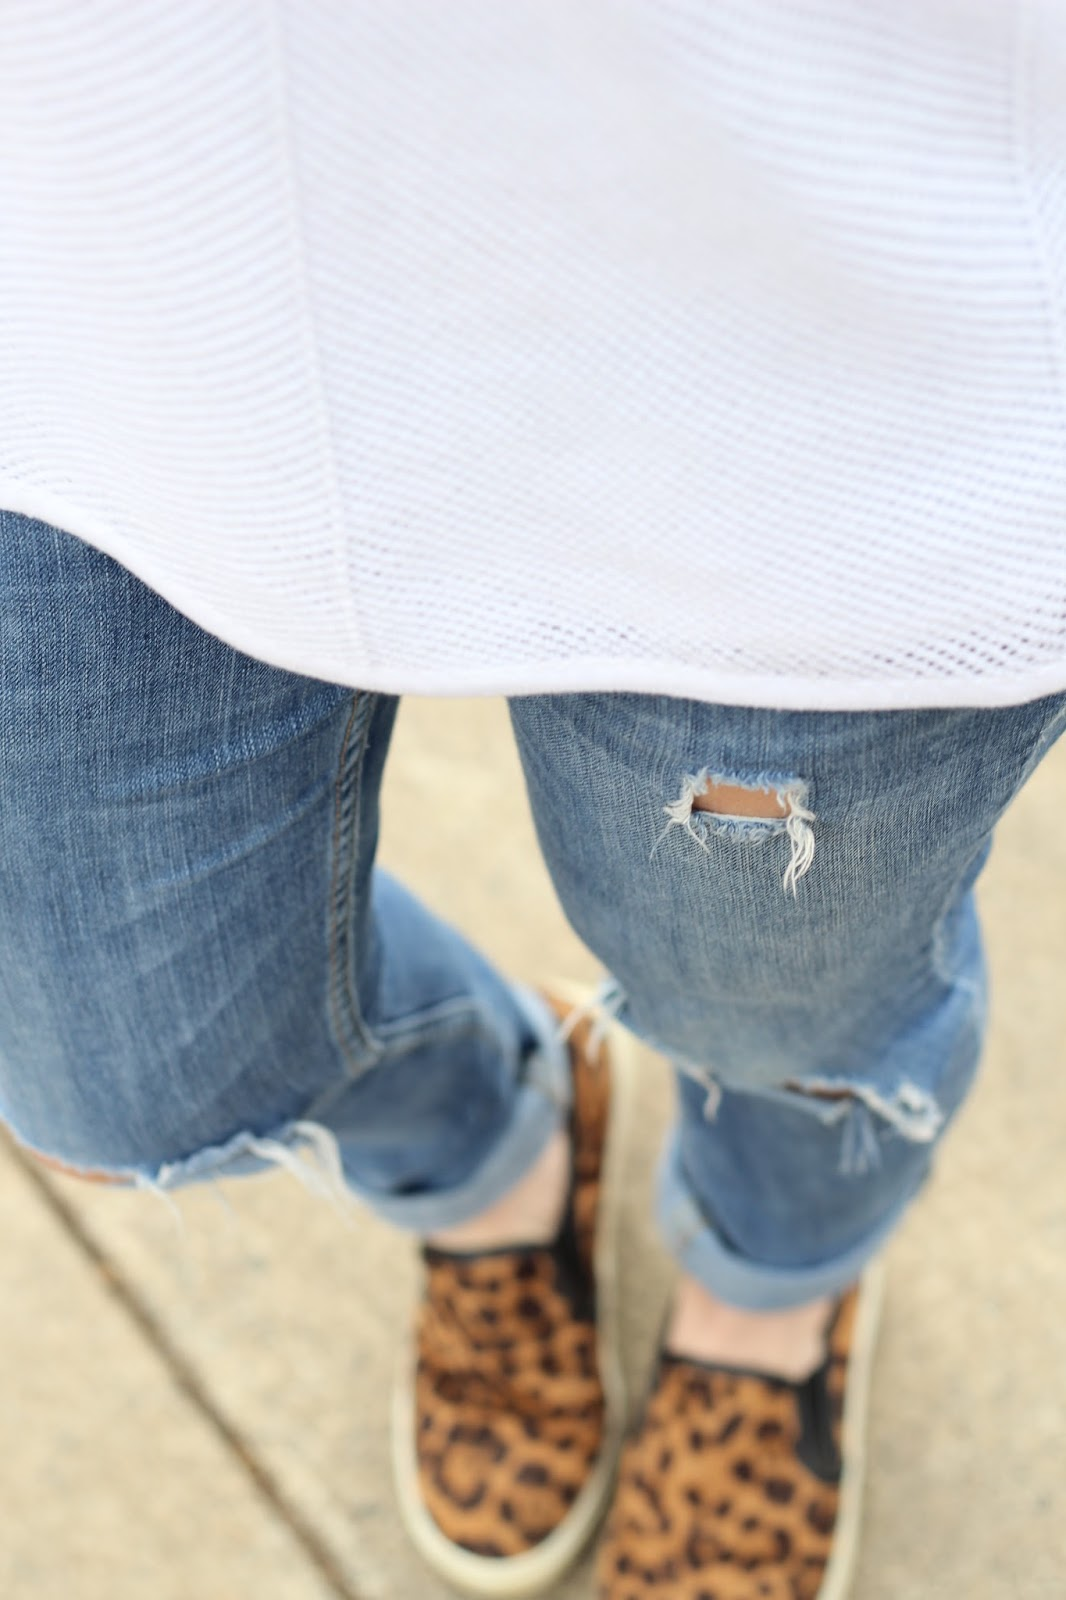 Distressed skinny jeans, leopard flats